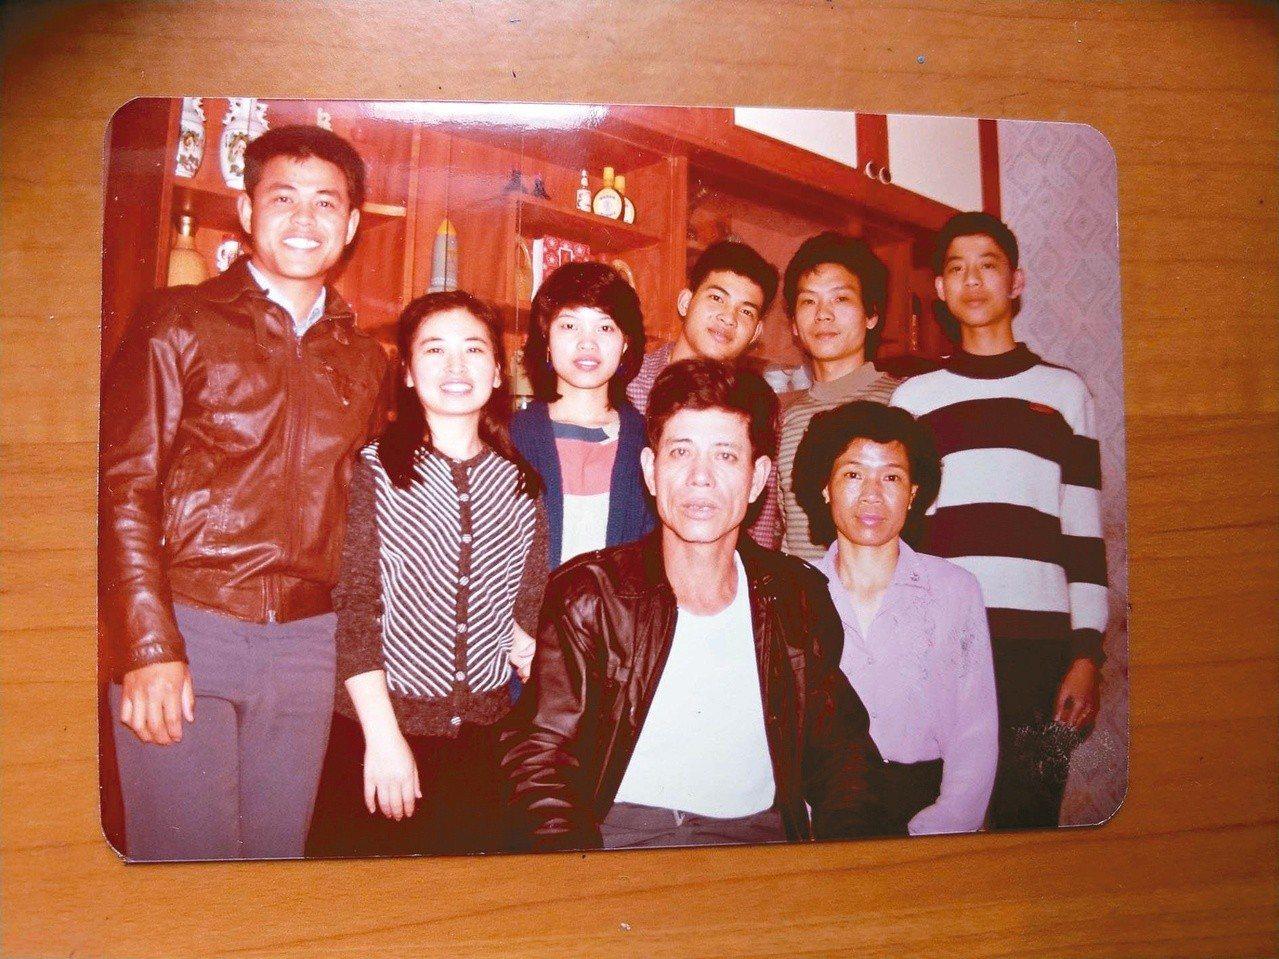 吳鈞堯(後右三)與家人合影。右上邊米白色櫃子,即為存放本文《弦民歌》的地方。